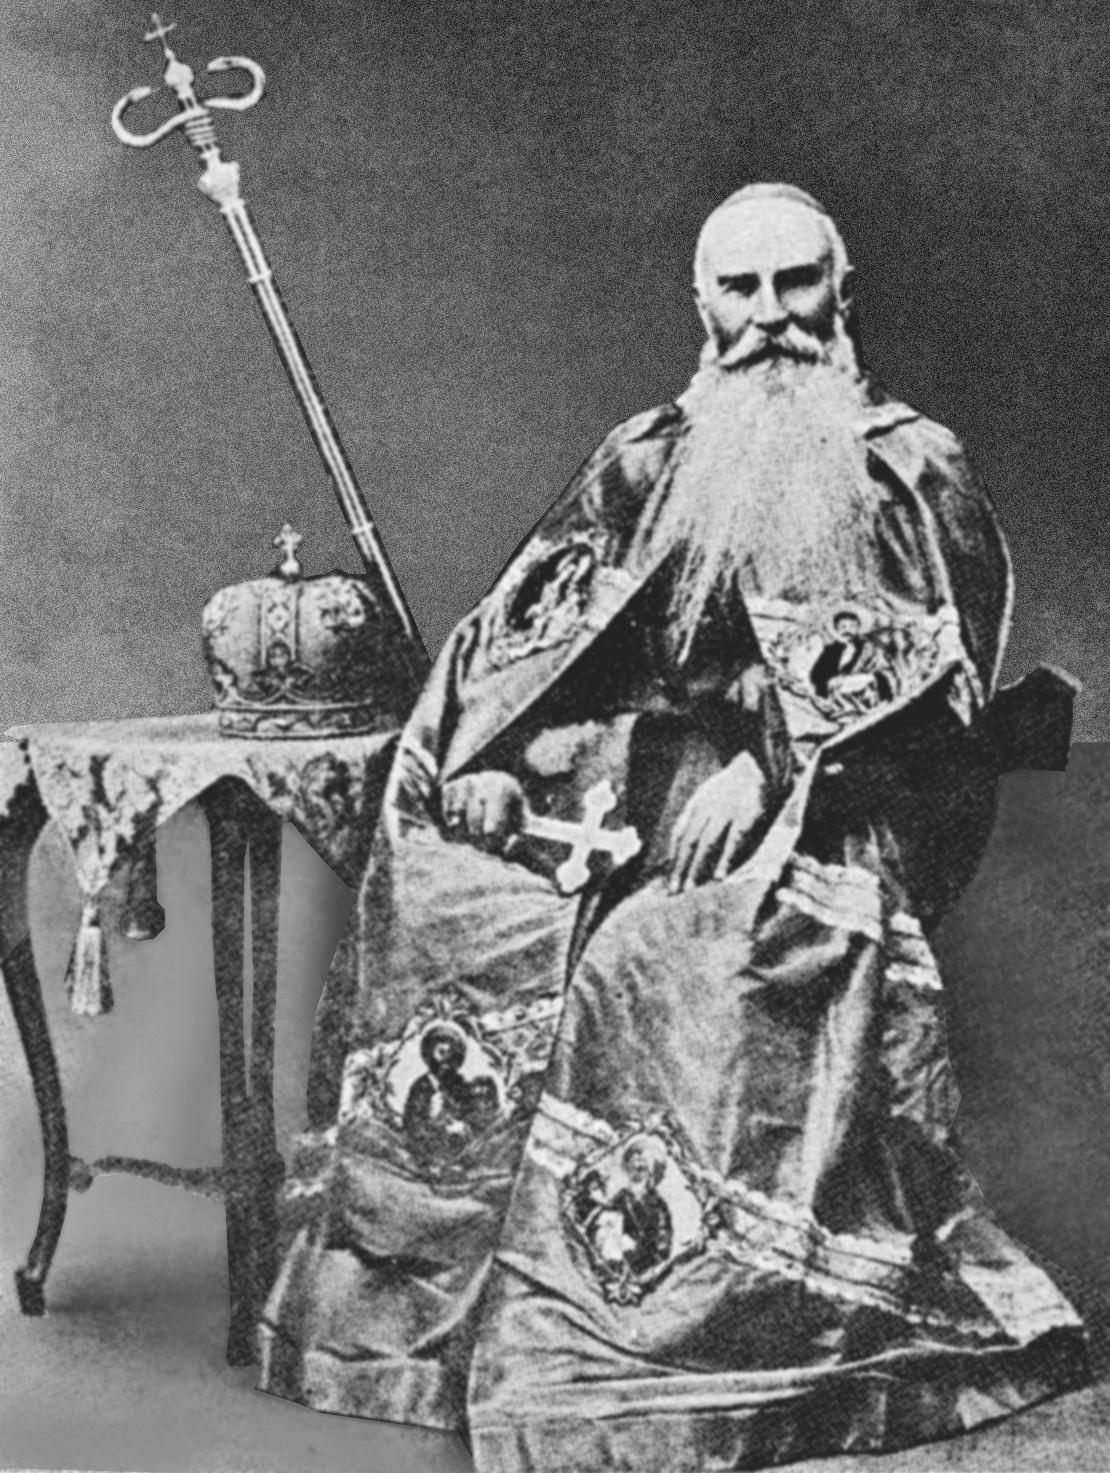 Епископ Иосафат Коциловский